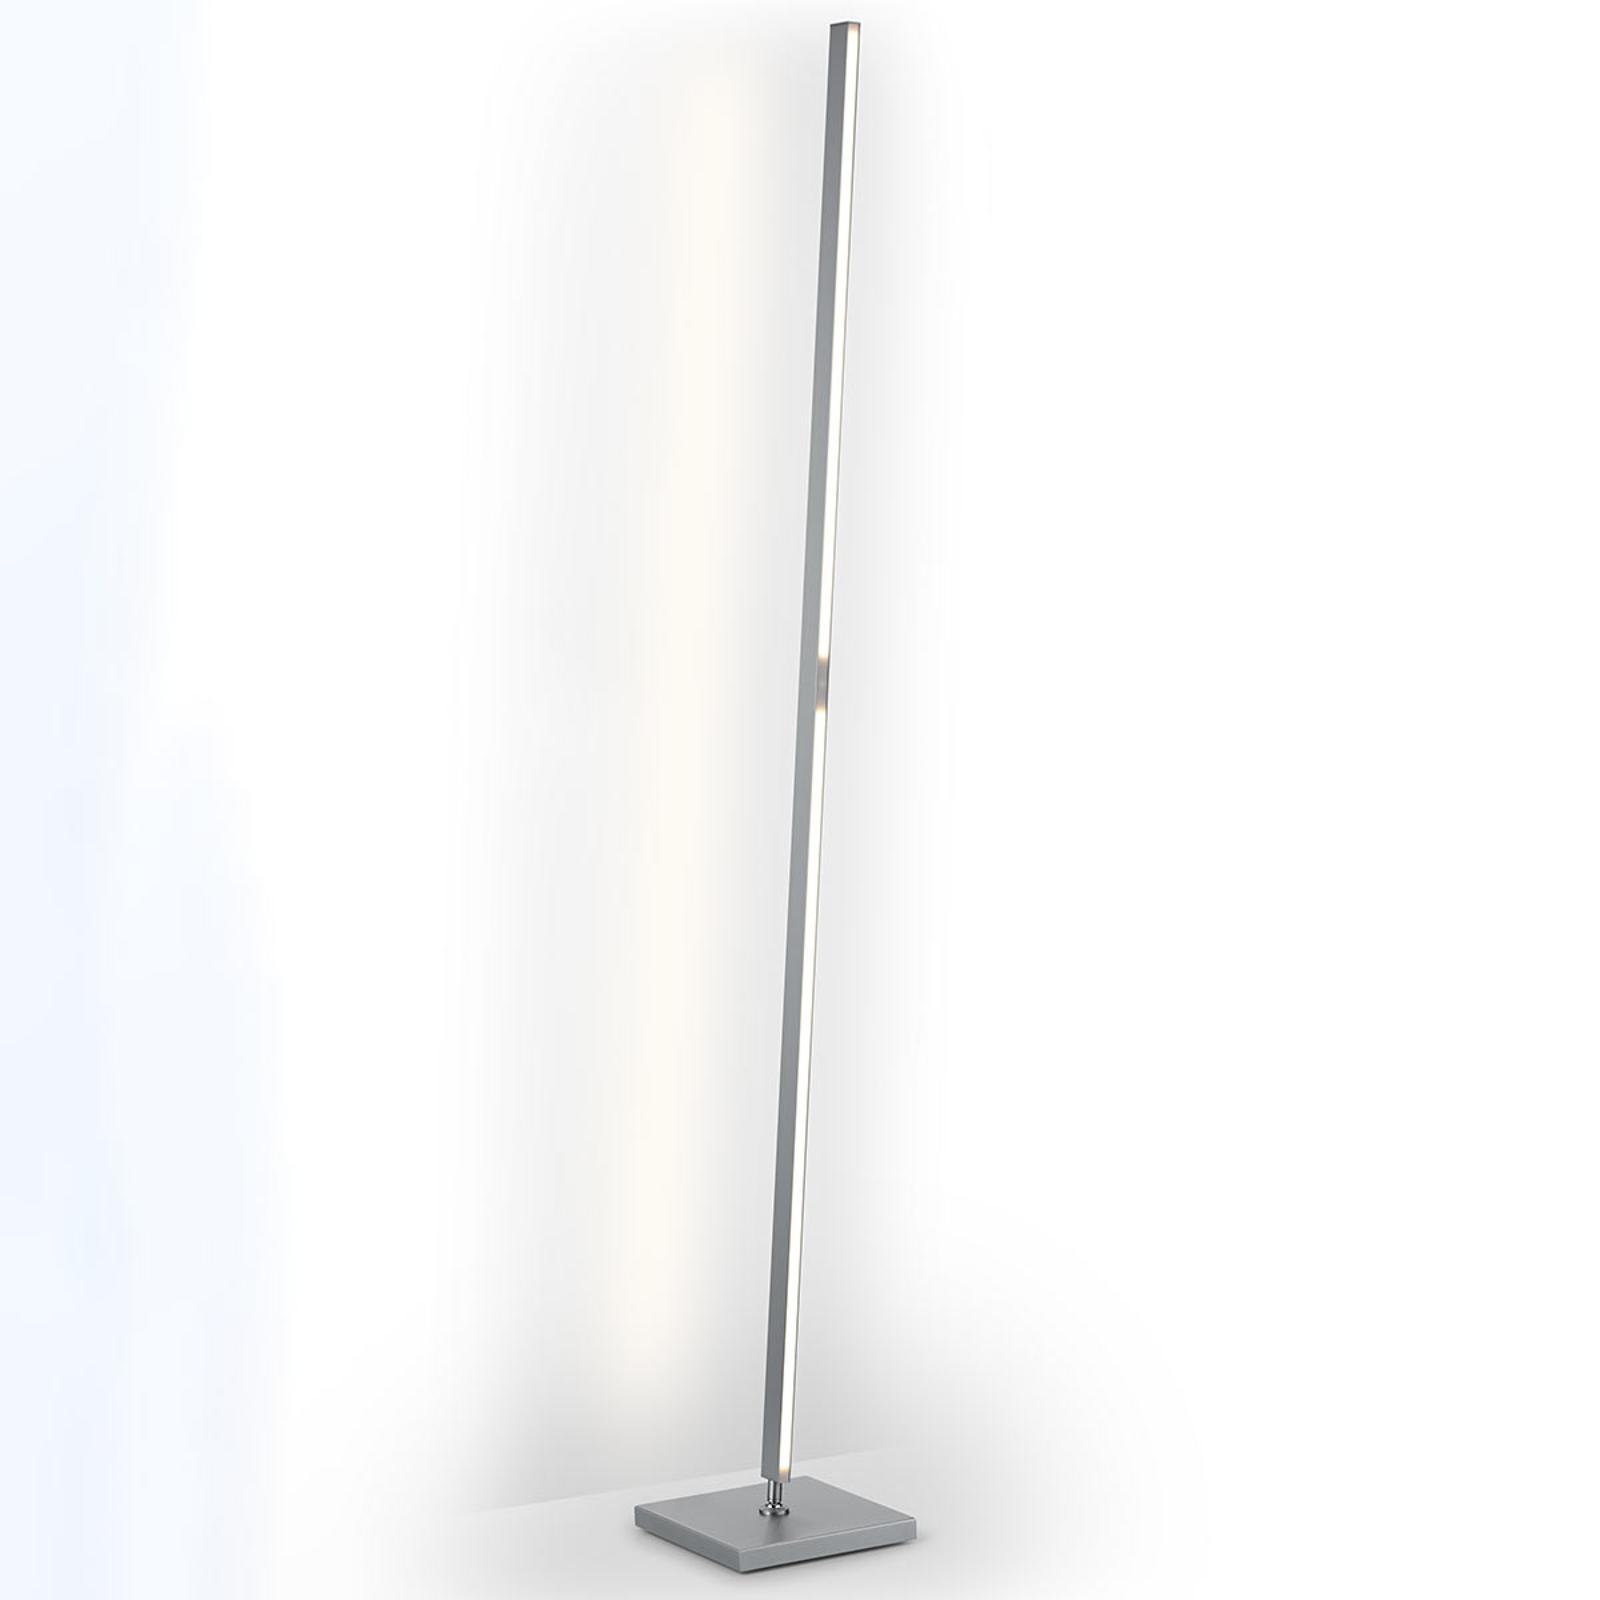 Prostoliniowa lampa stojąca LED Meli, na gesty